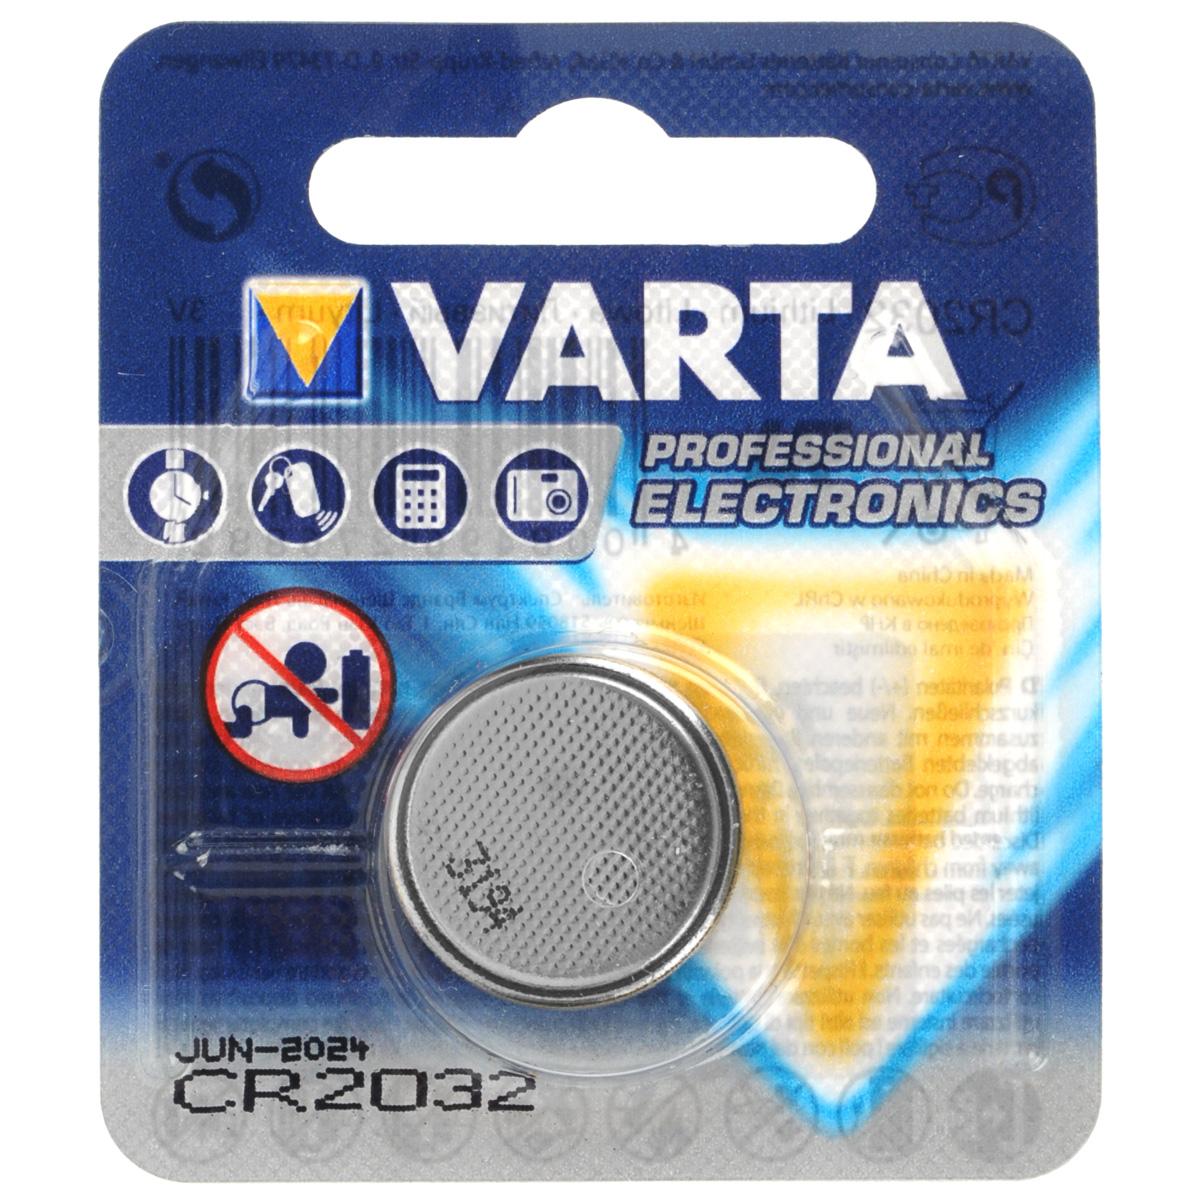 Батарейка литиевая Varta Professional Electronics, тип CR2032, 3ВCR 2032Литиевые батарейки Varta Professional Electronics оптимально подходят для повседневного питания множества современных бытовых приборов: электронных игрушек, фонарей, беспроводной компьютерной периферии и многого другого. Батарейки созданы для устройств со средним и высоким потреблением энергии. Работают в 10 раз дольше, чем обычные солевые элементы питания. Диаметр батарейки: 2 см.